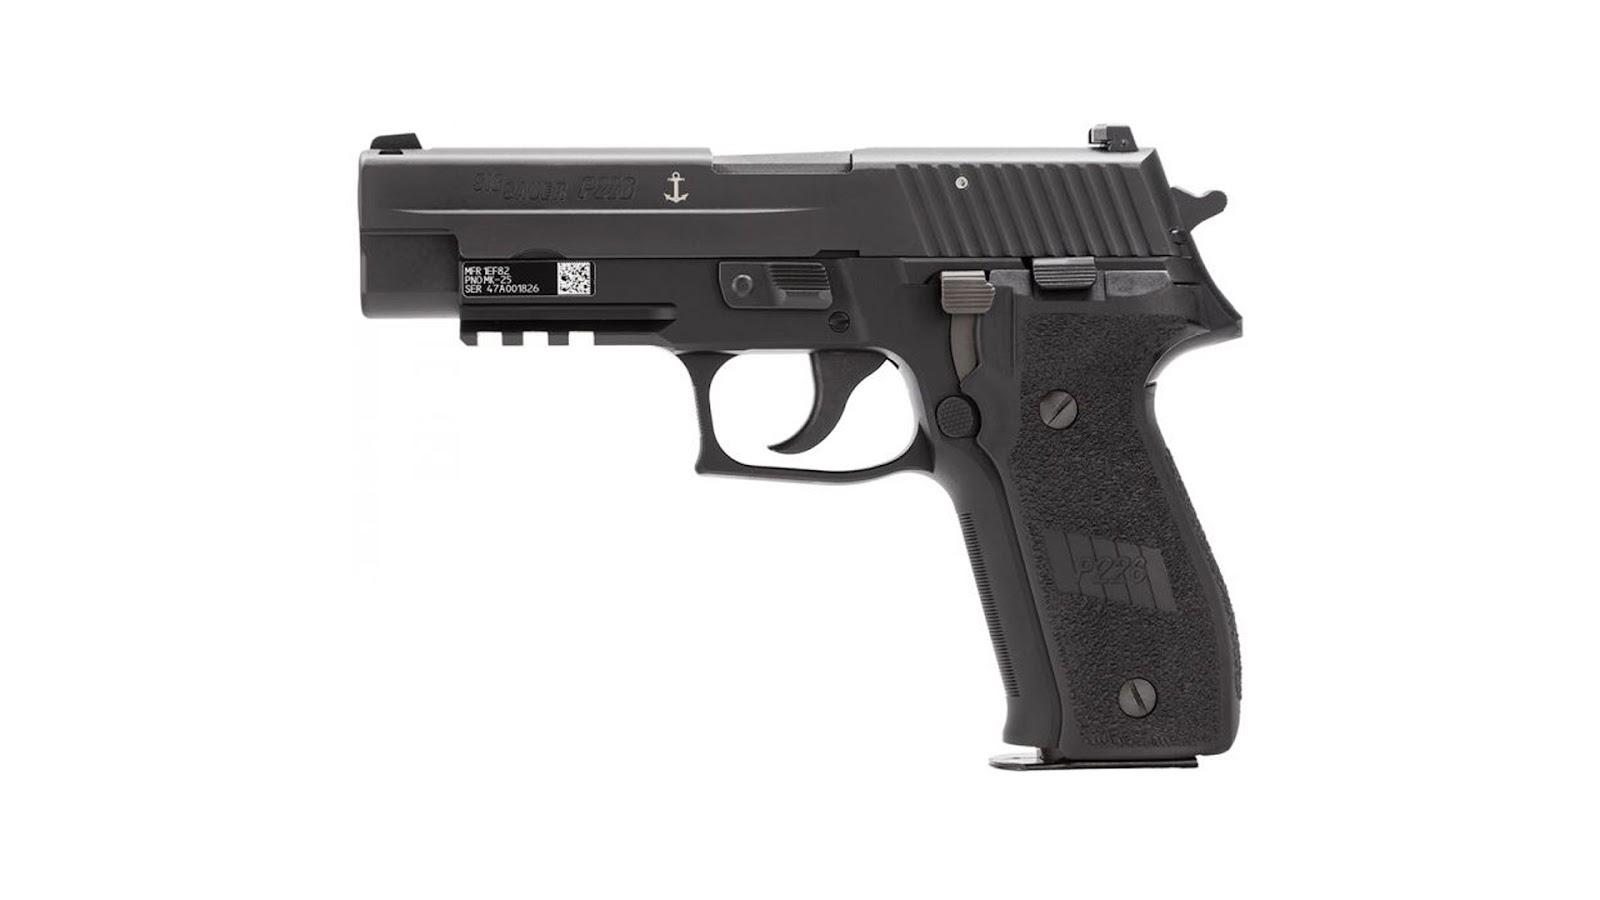 Sig Sauer p226 pistol